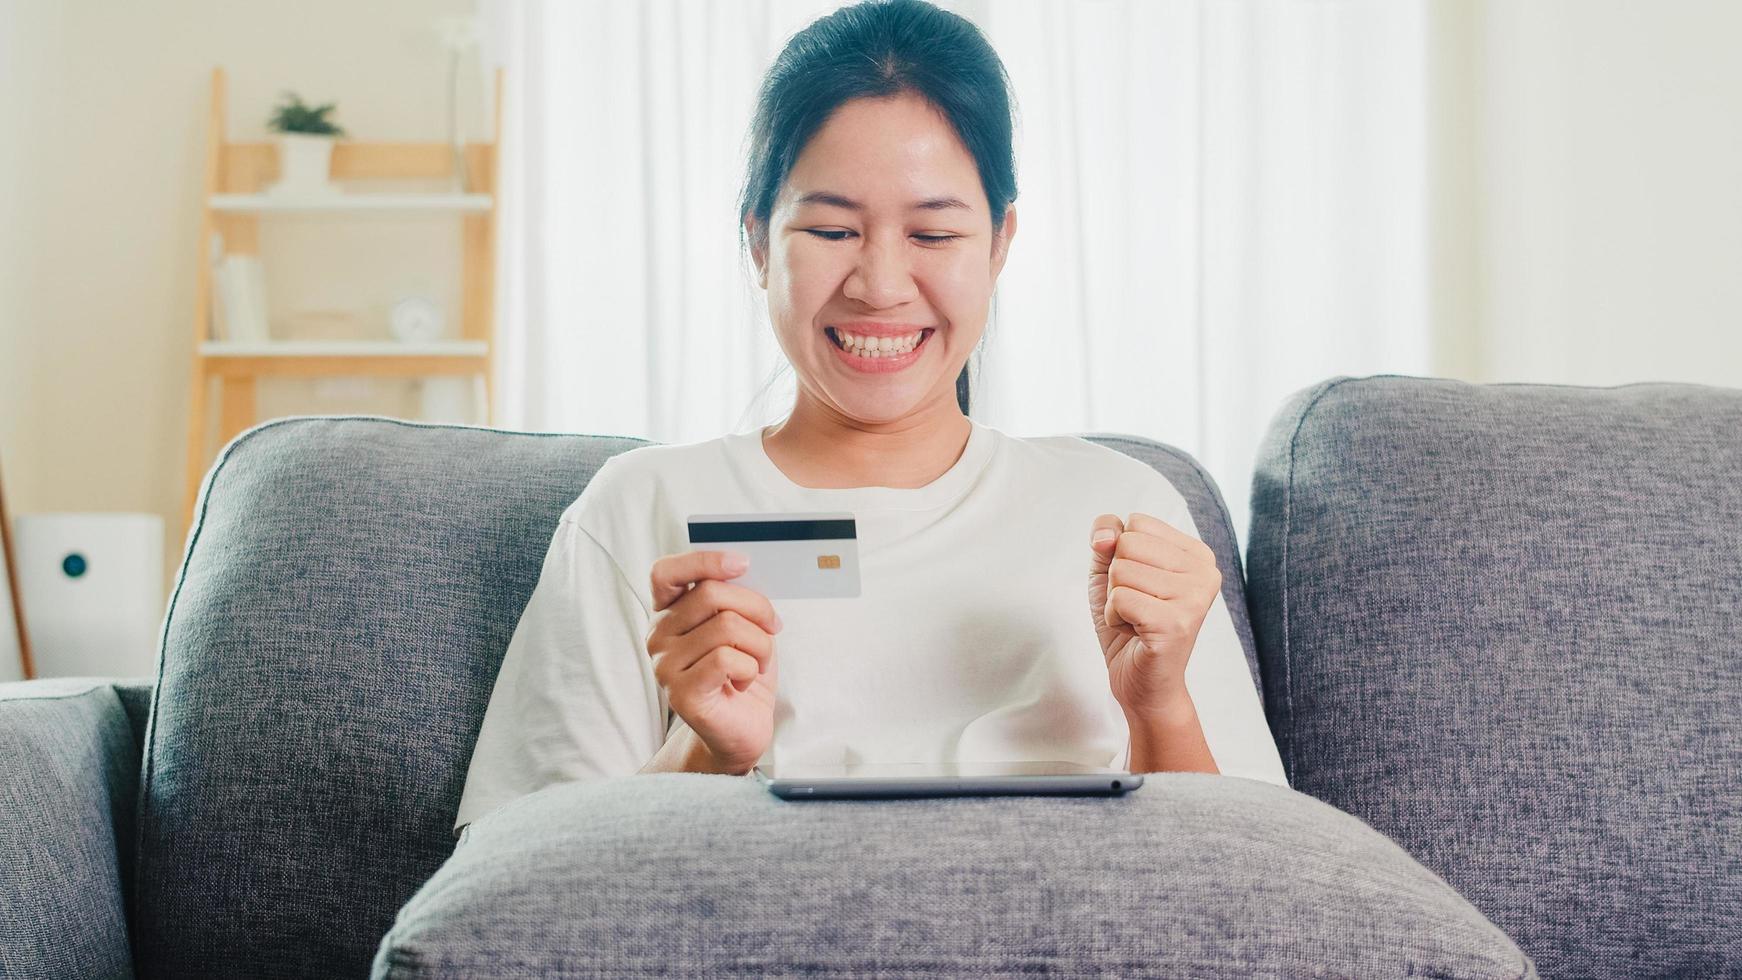 asiatisk kvinna som använder surfplatta och kreditkort i vardagsrummet. foto